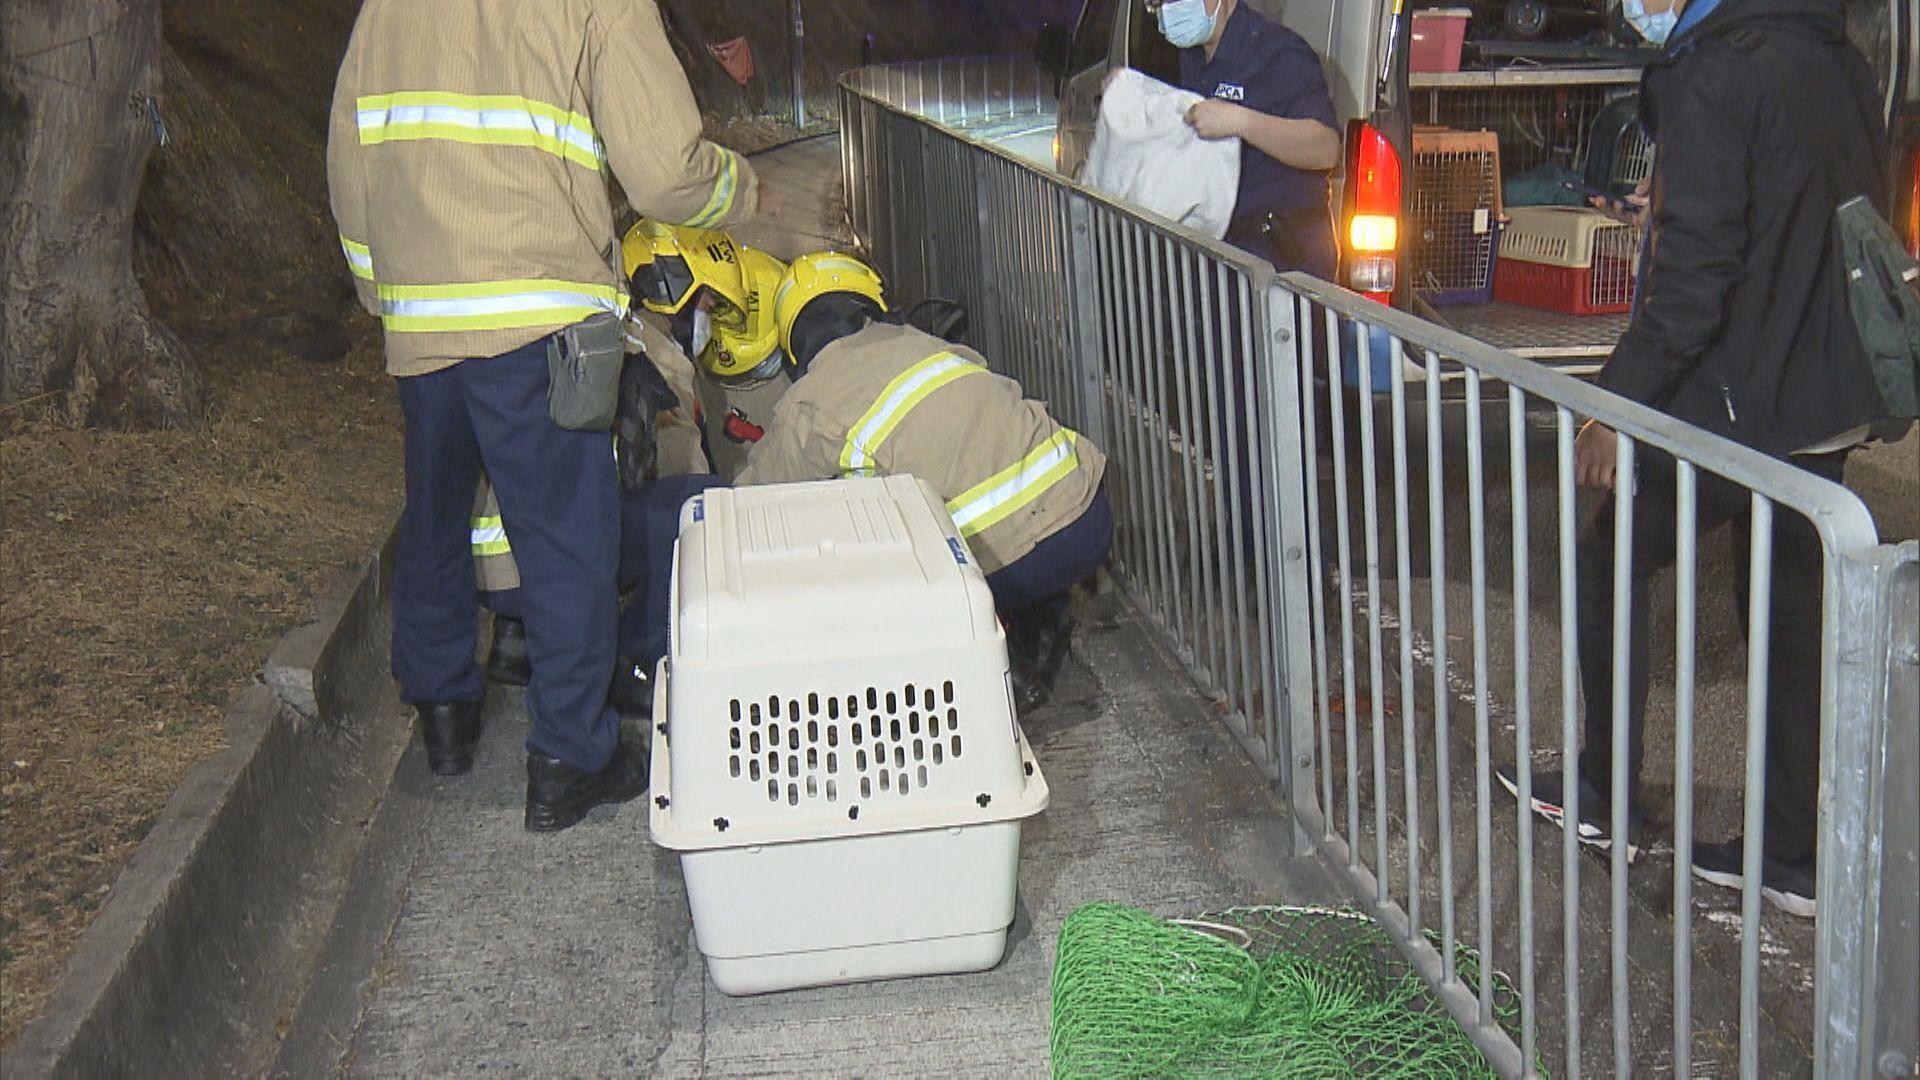 荃灣一隻赤麂疑遭車撞受驚衝鐵欄被困